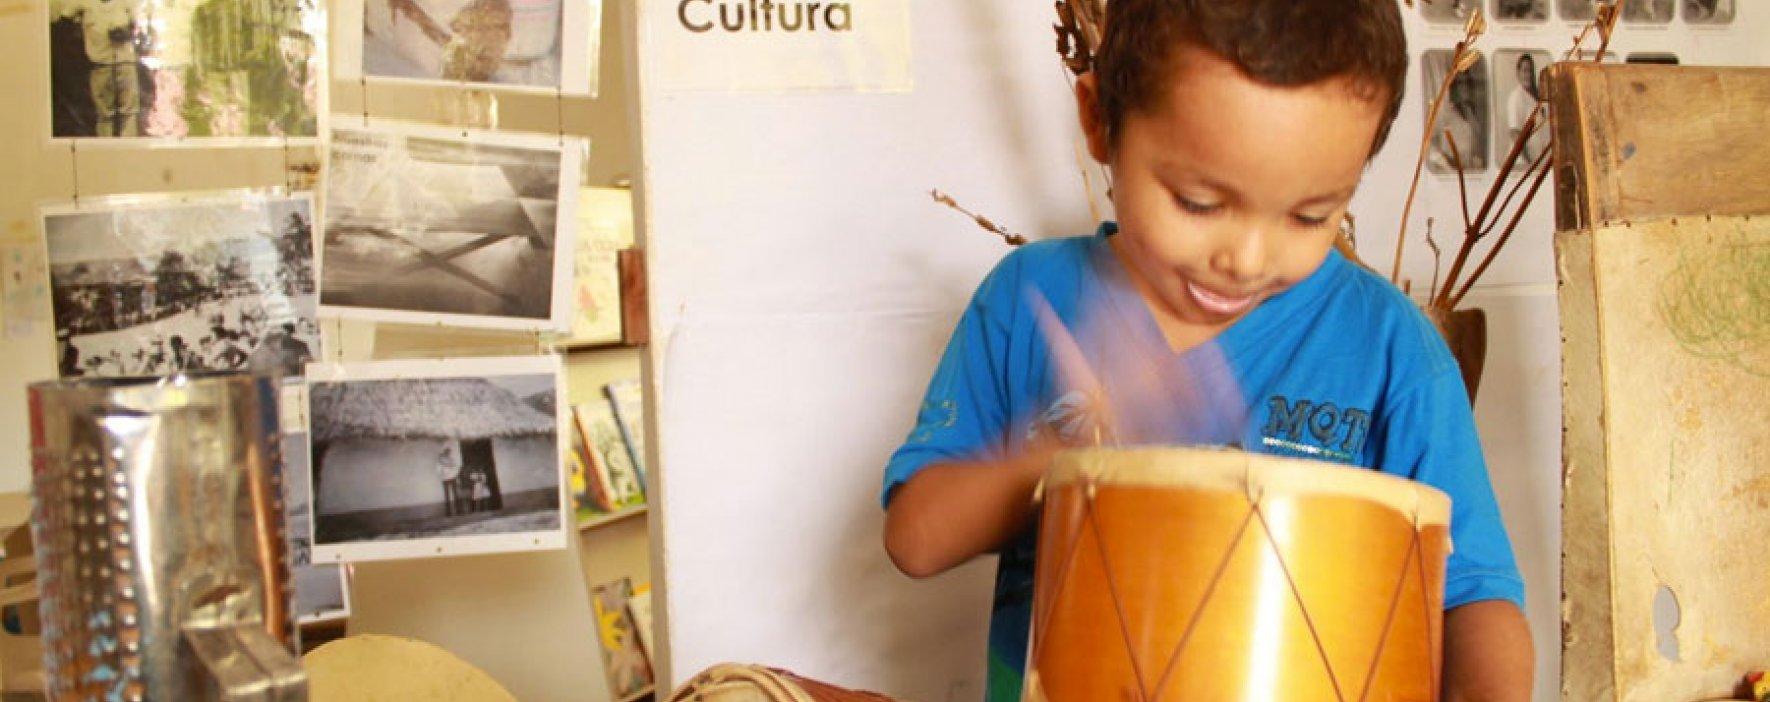 Fundación aeioTÚ en alianza por la educación de la niñez en Colombia